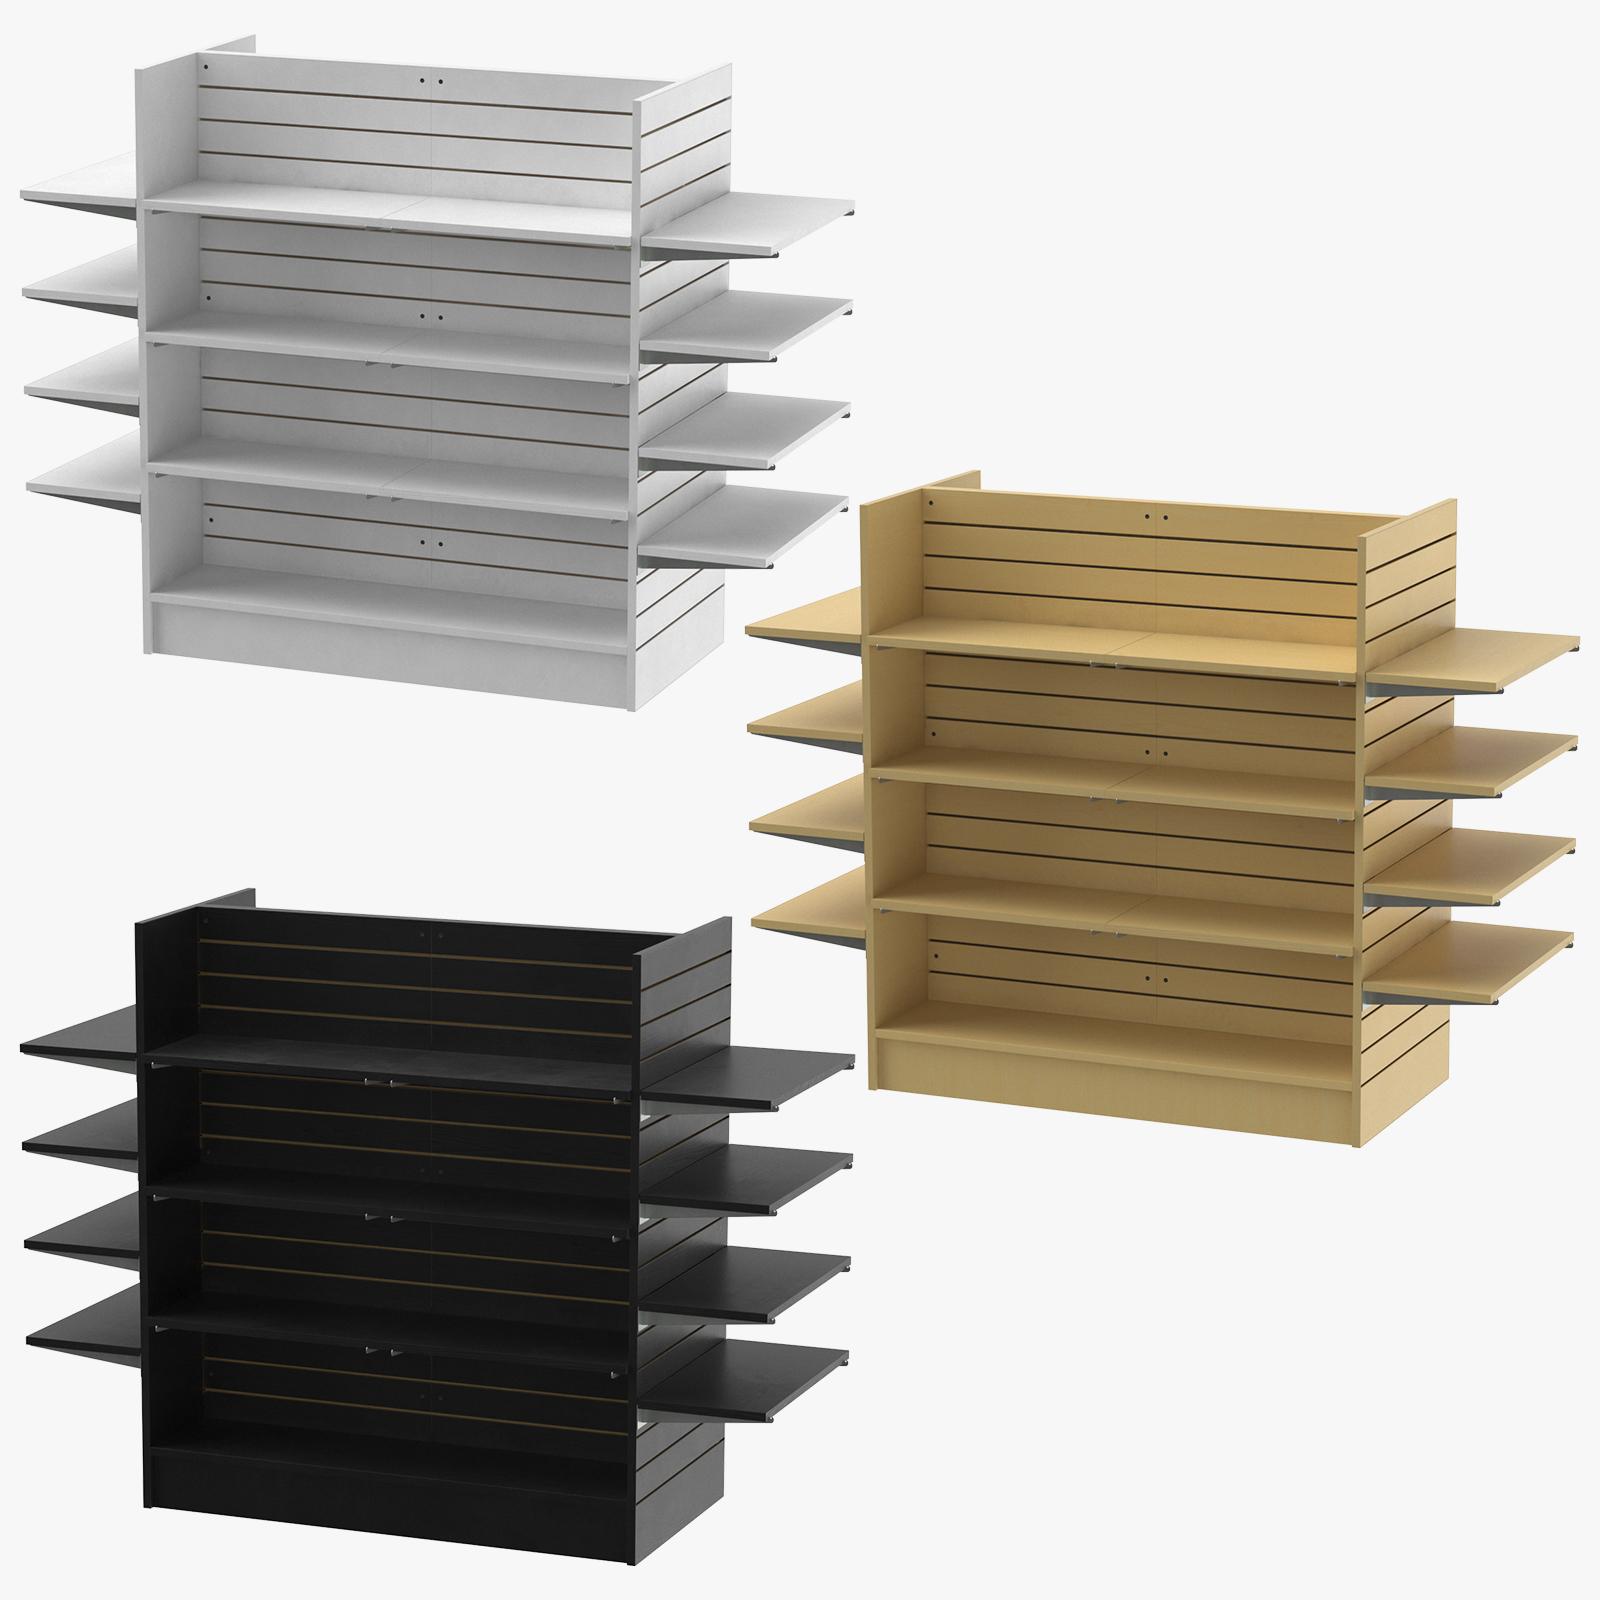 Slat Wall Gondolas And Shelves 02